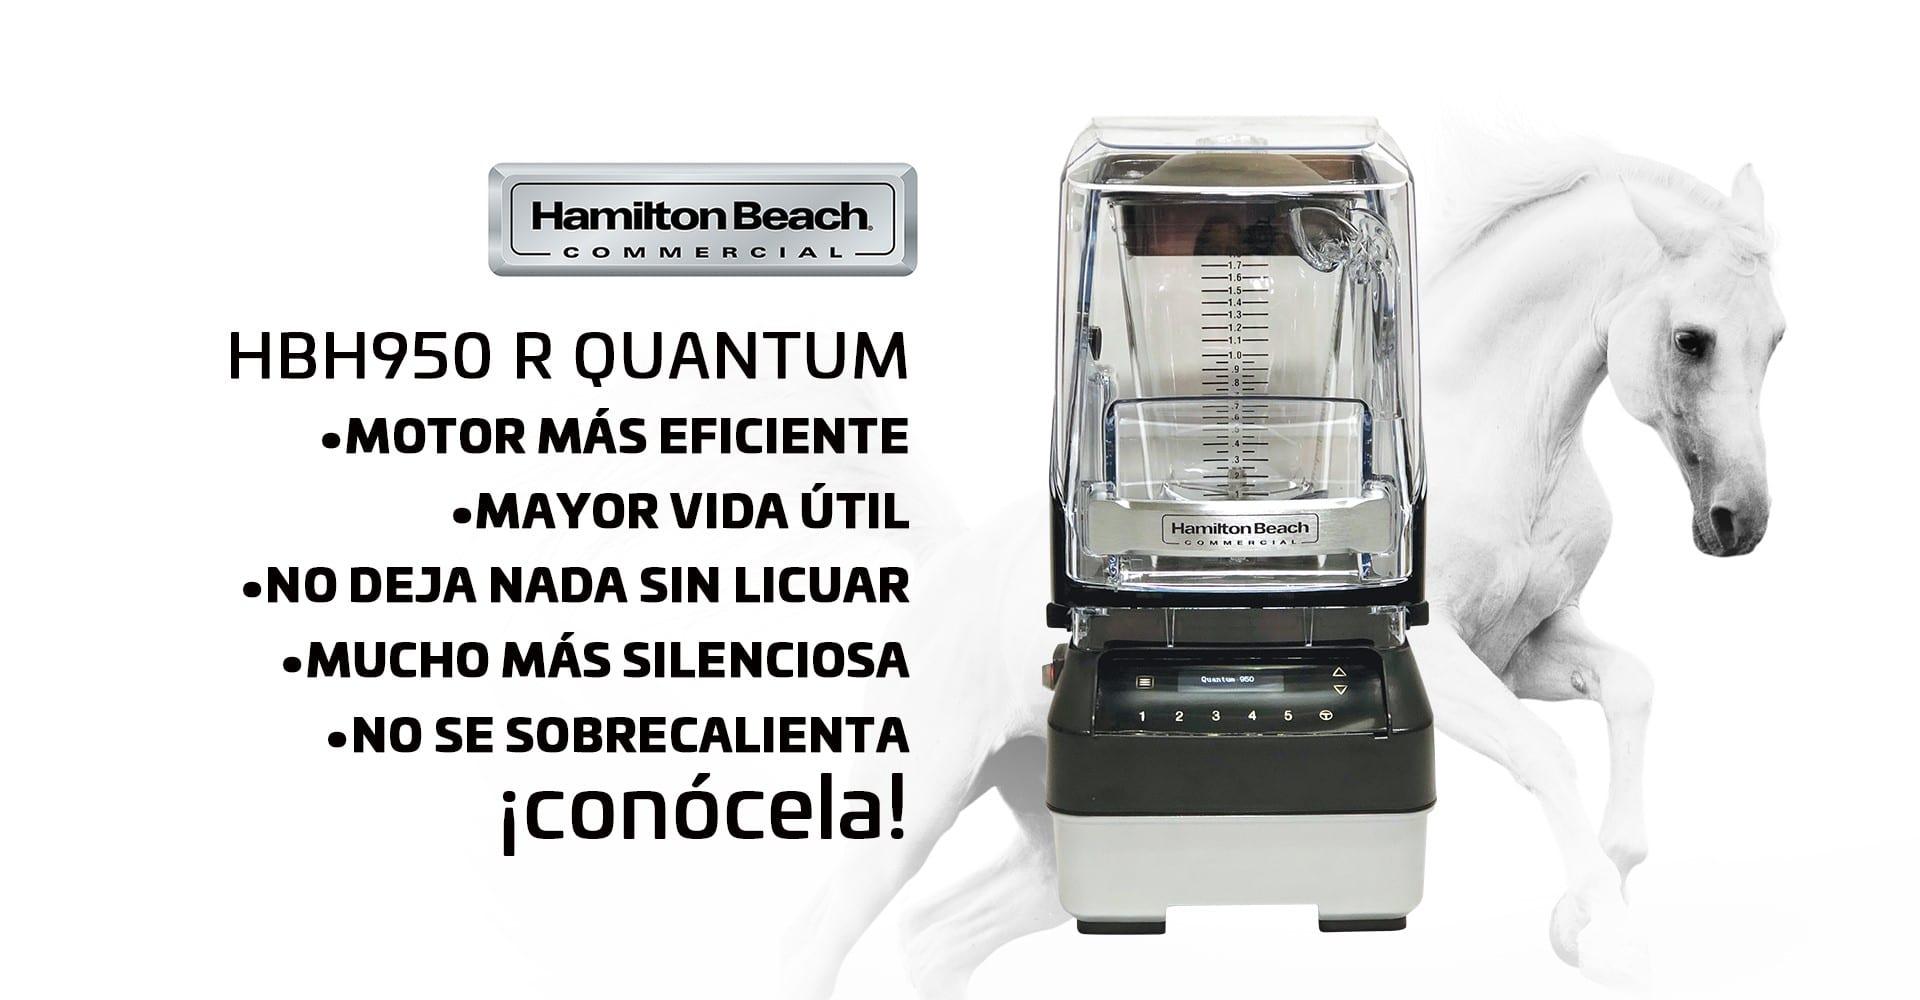 Hamilton Beach HBH 950 Quantum